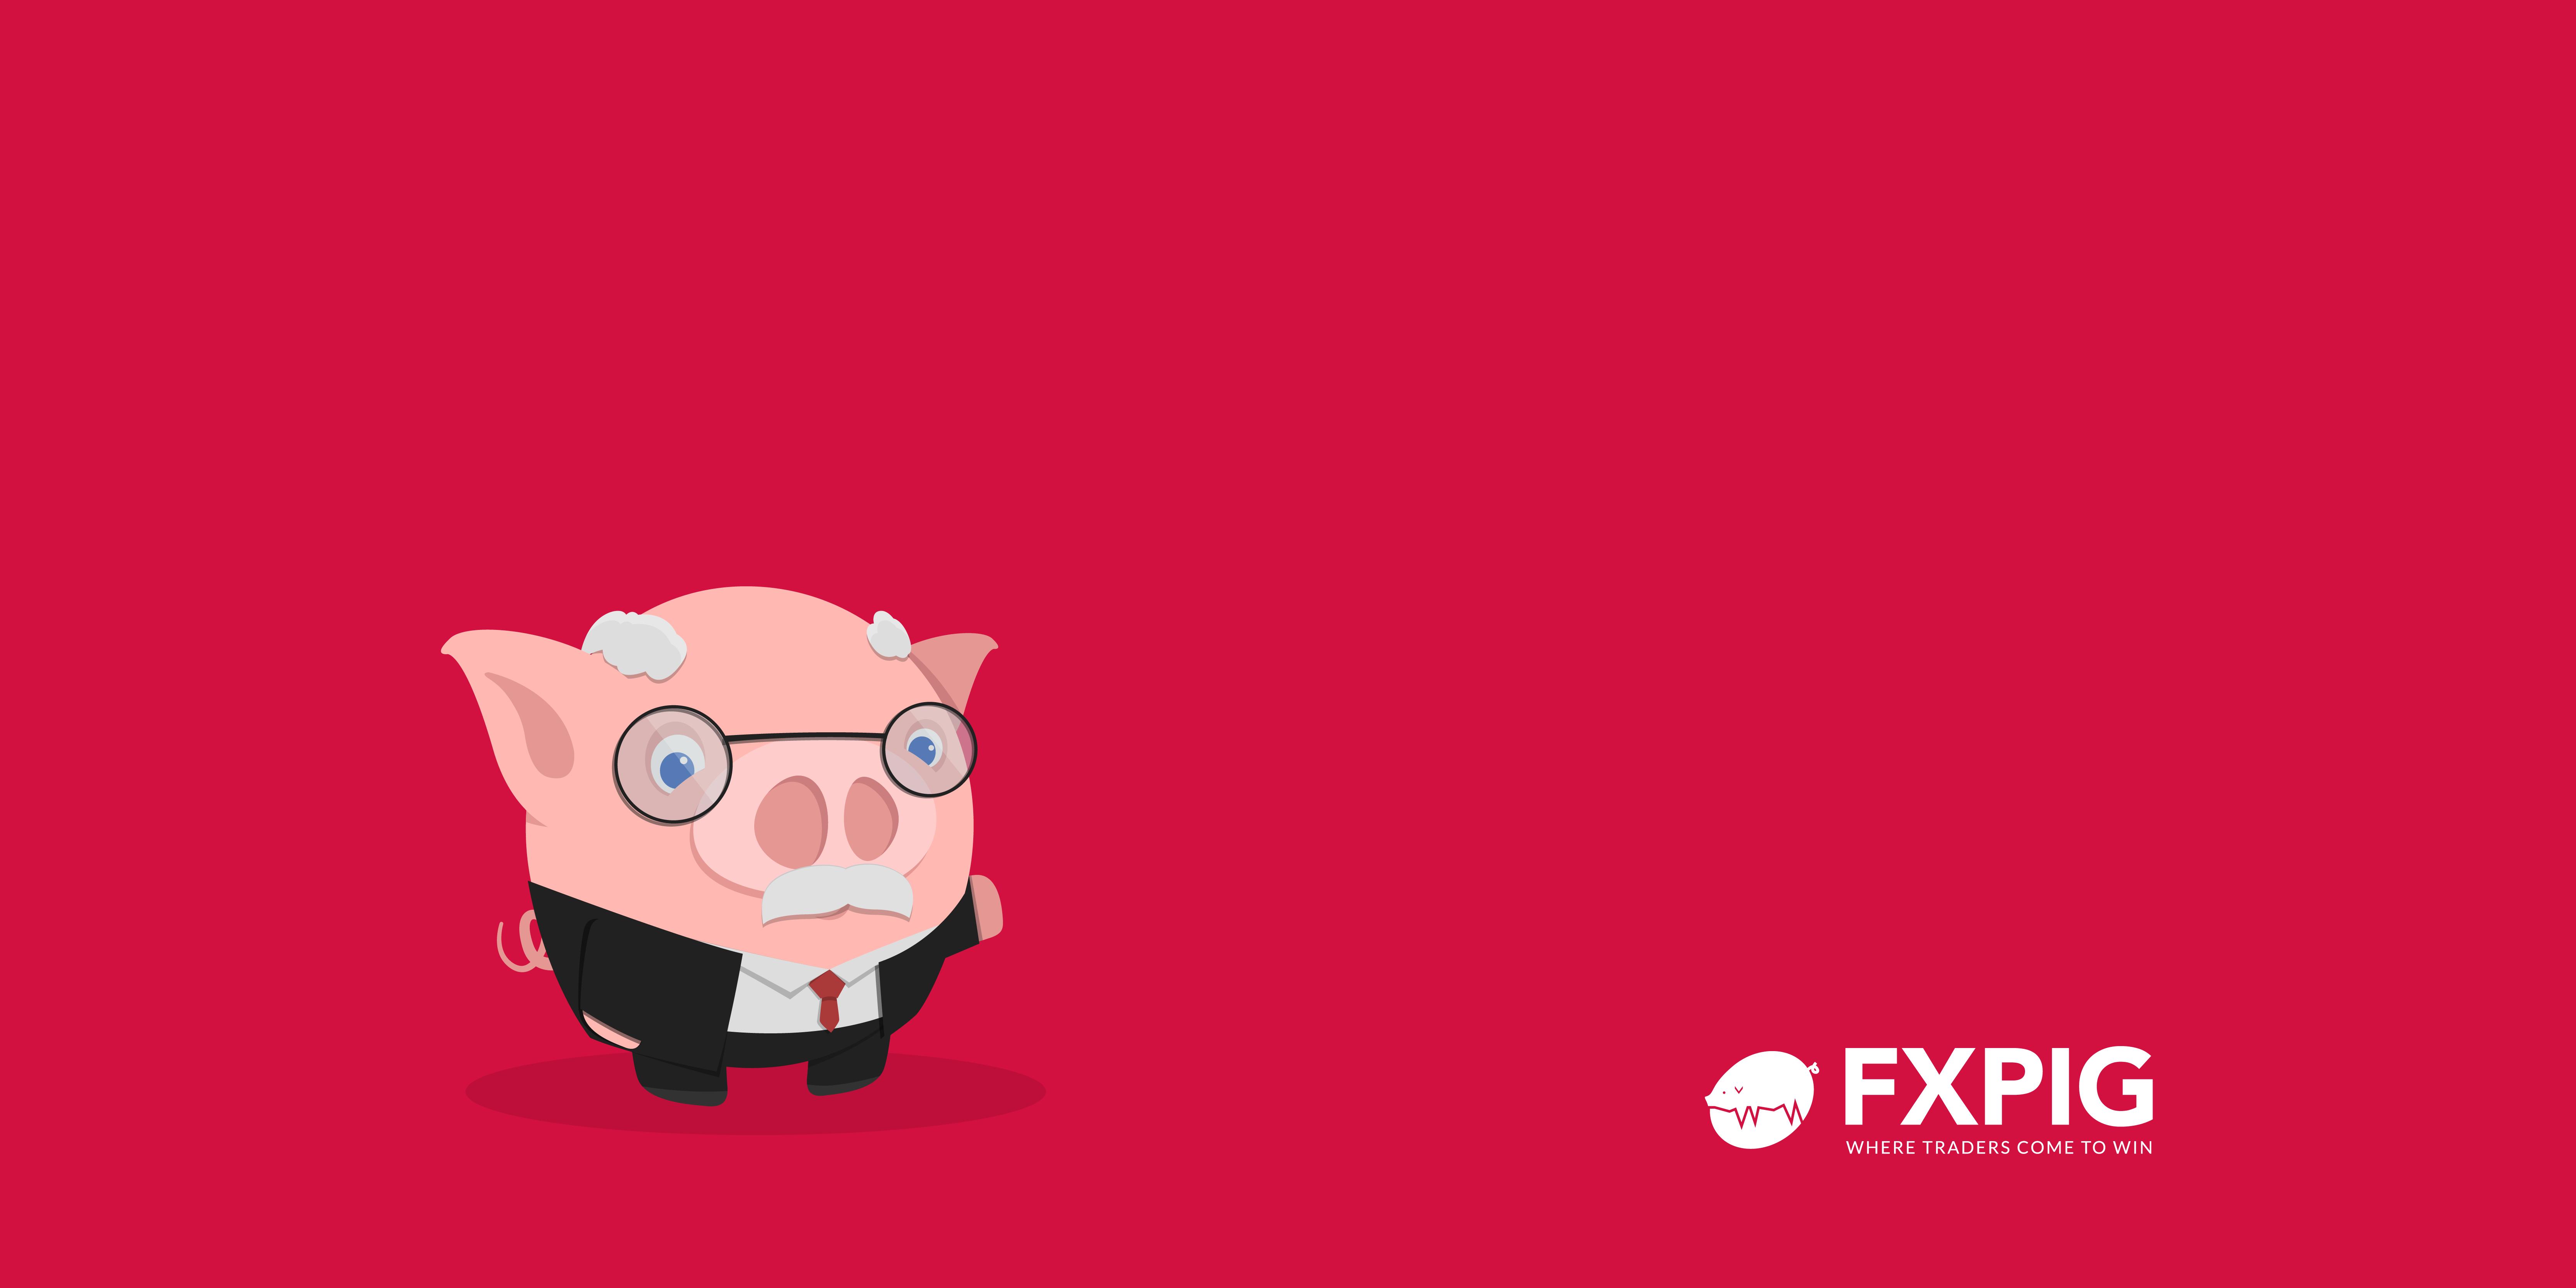 Forex_Trading_Wisdom_FXPIG